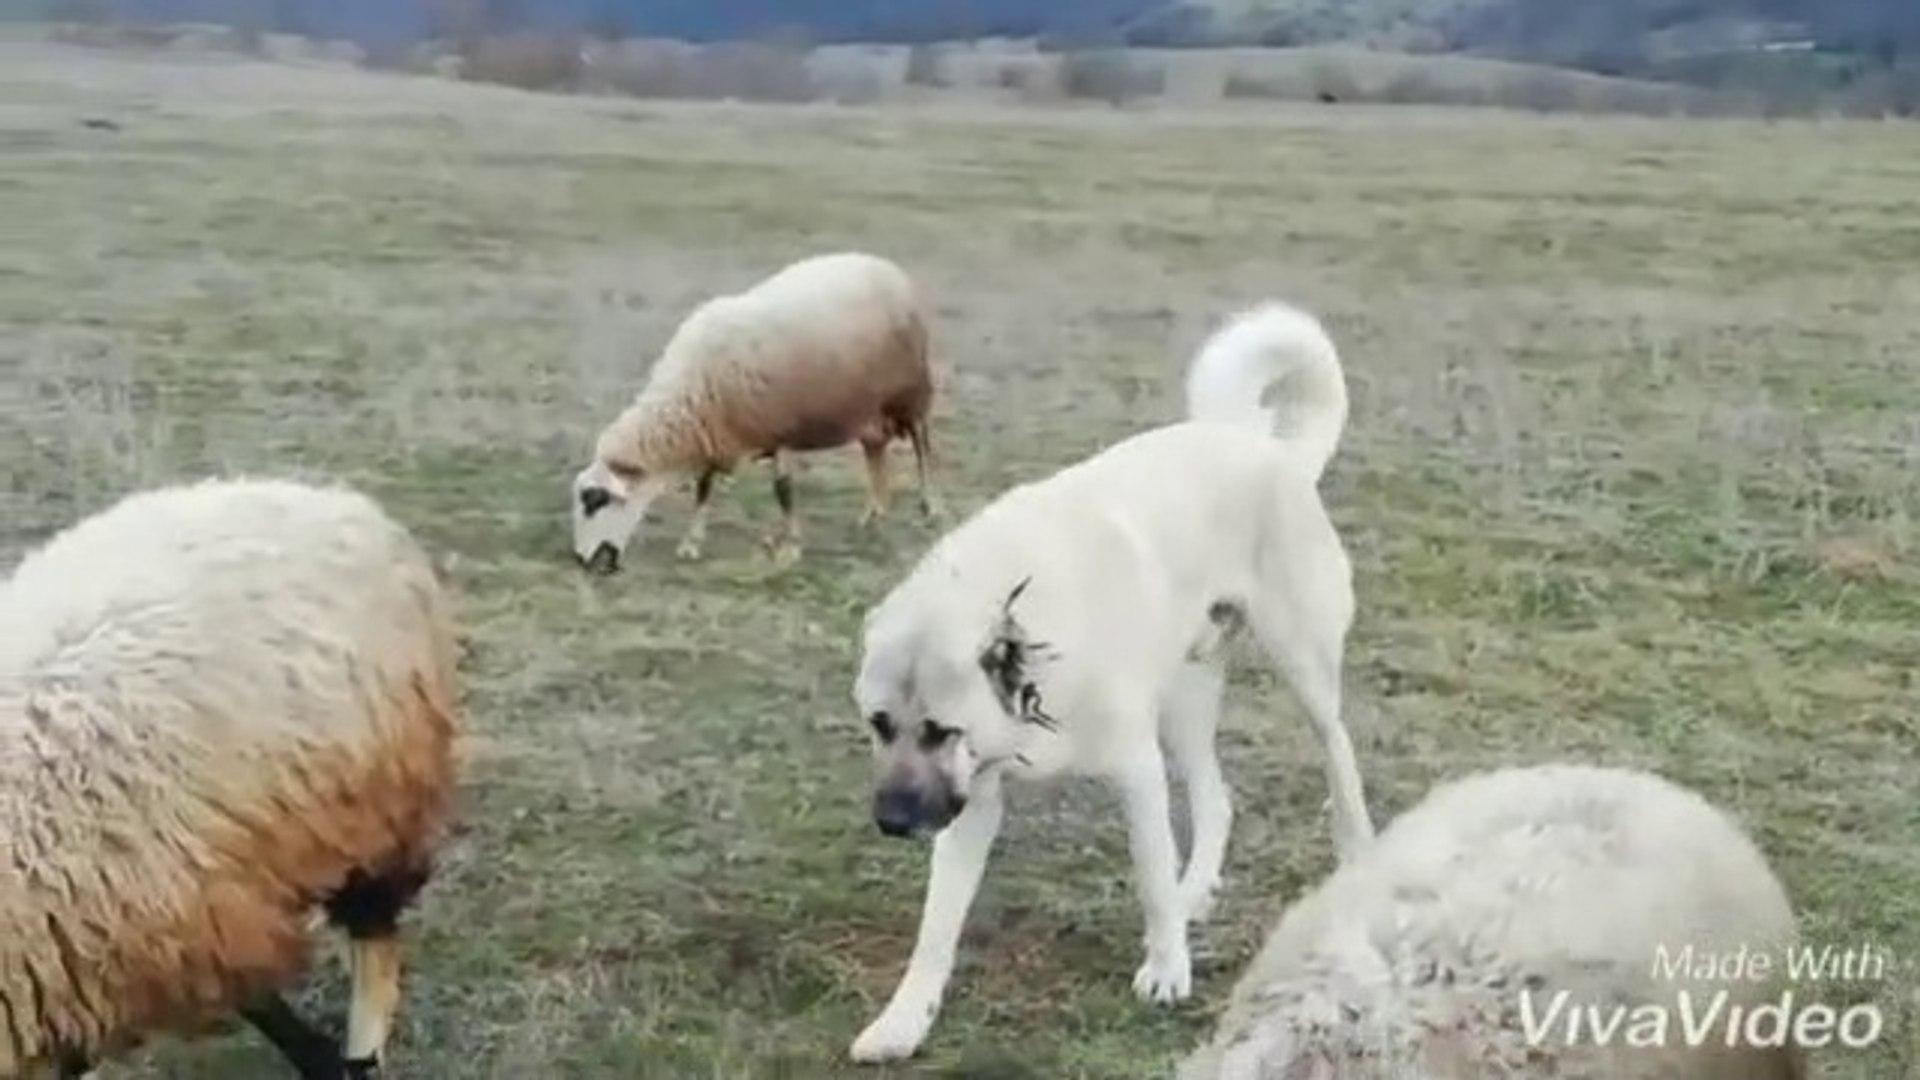 SiVAS KANGAL KOPEGi KOYUN NOBETi GOREVi BASINDA - KANGAL DOG SHEEP WATCH